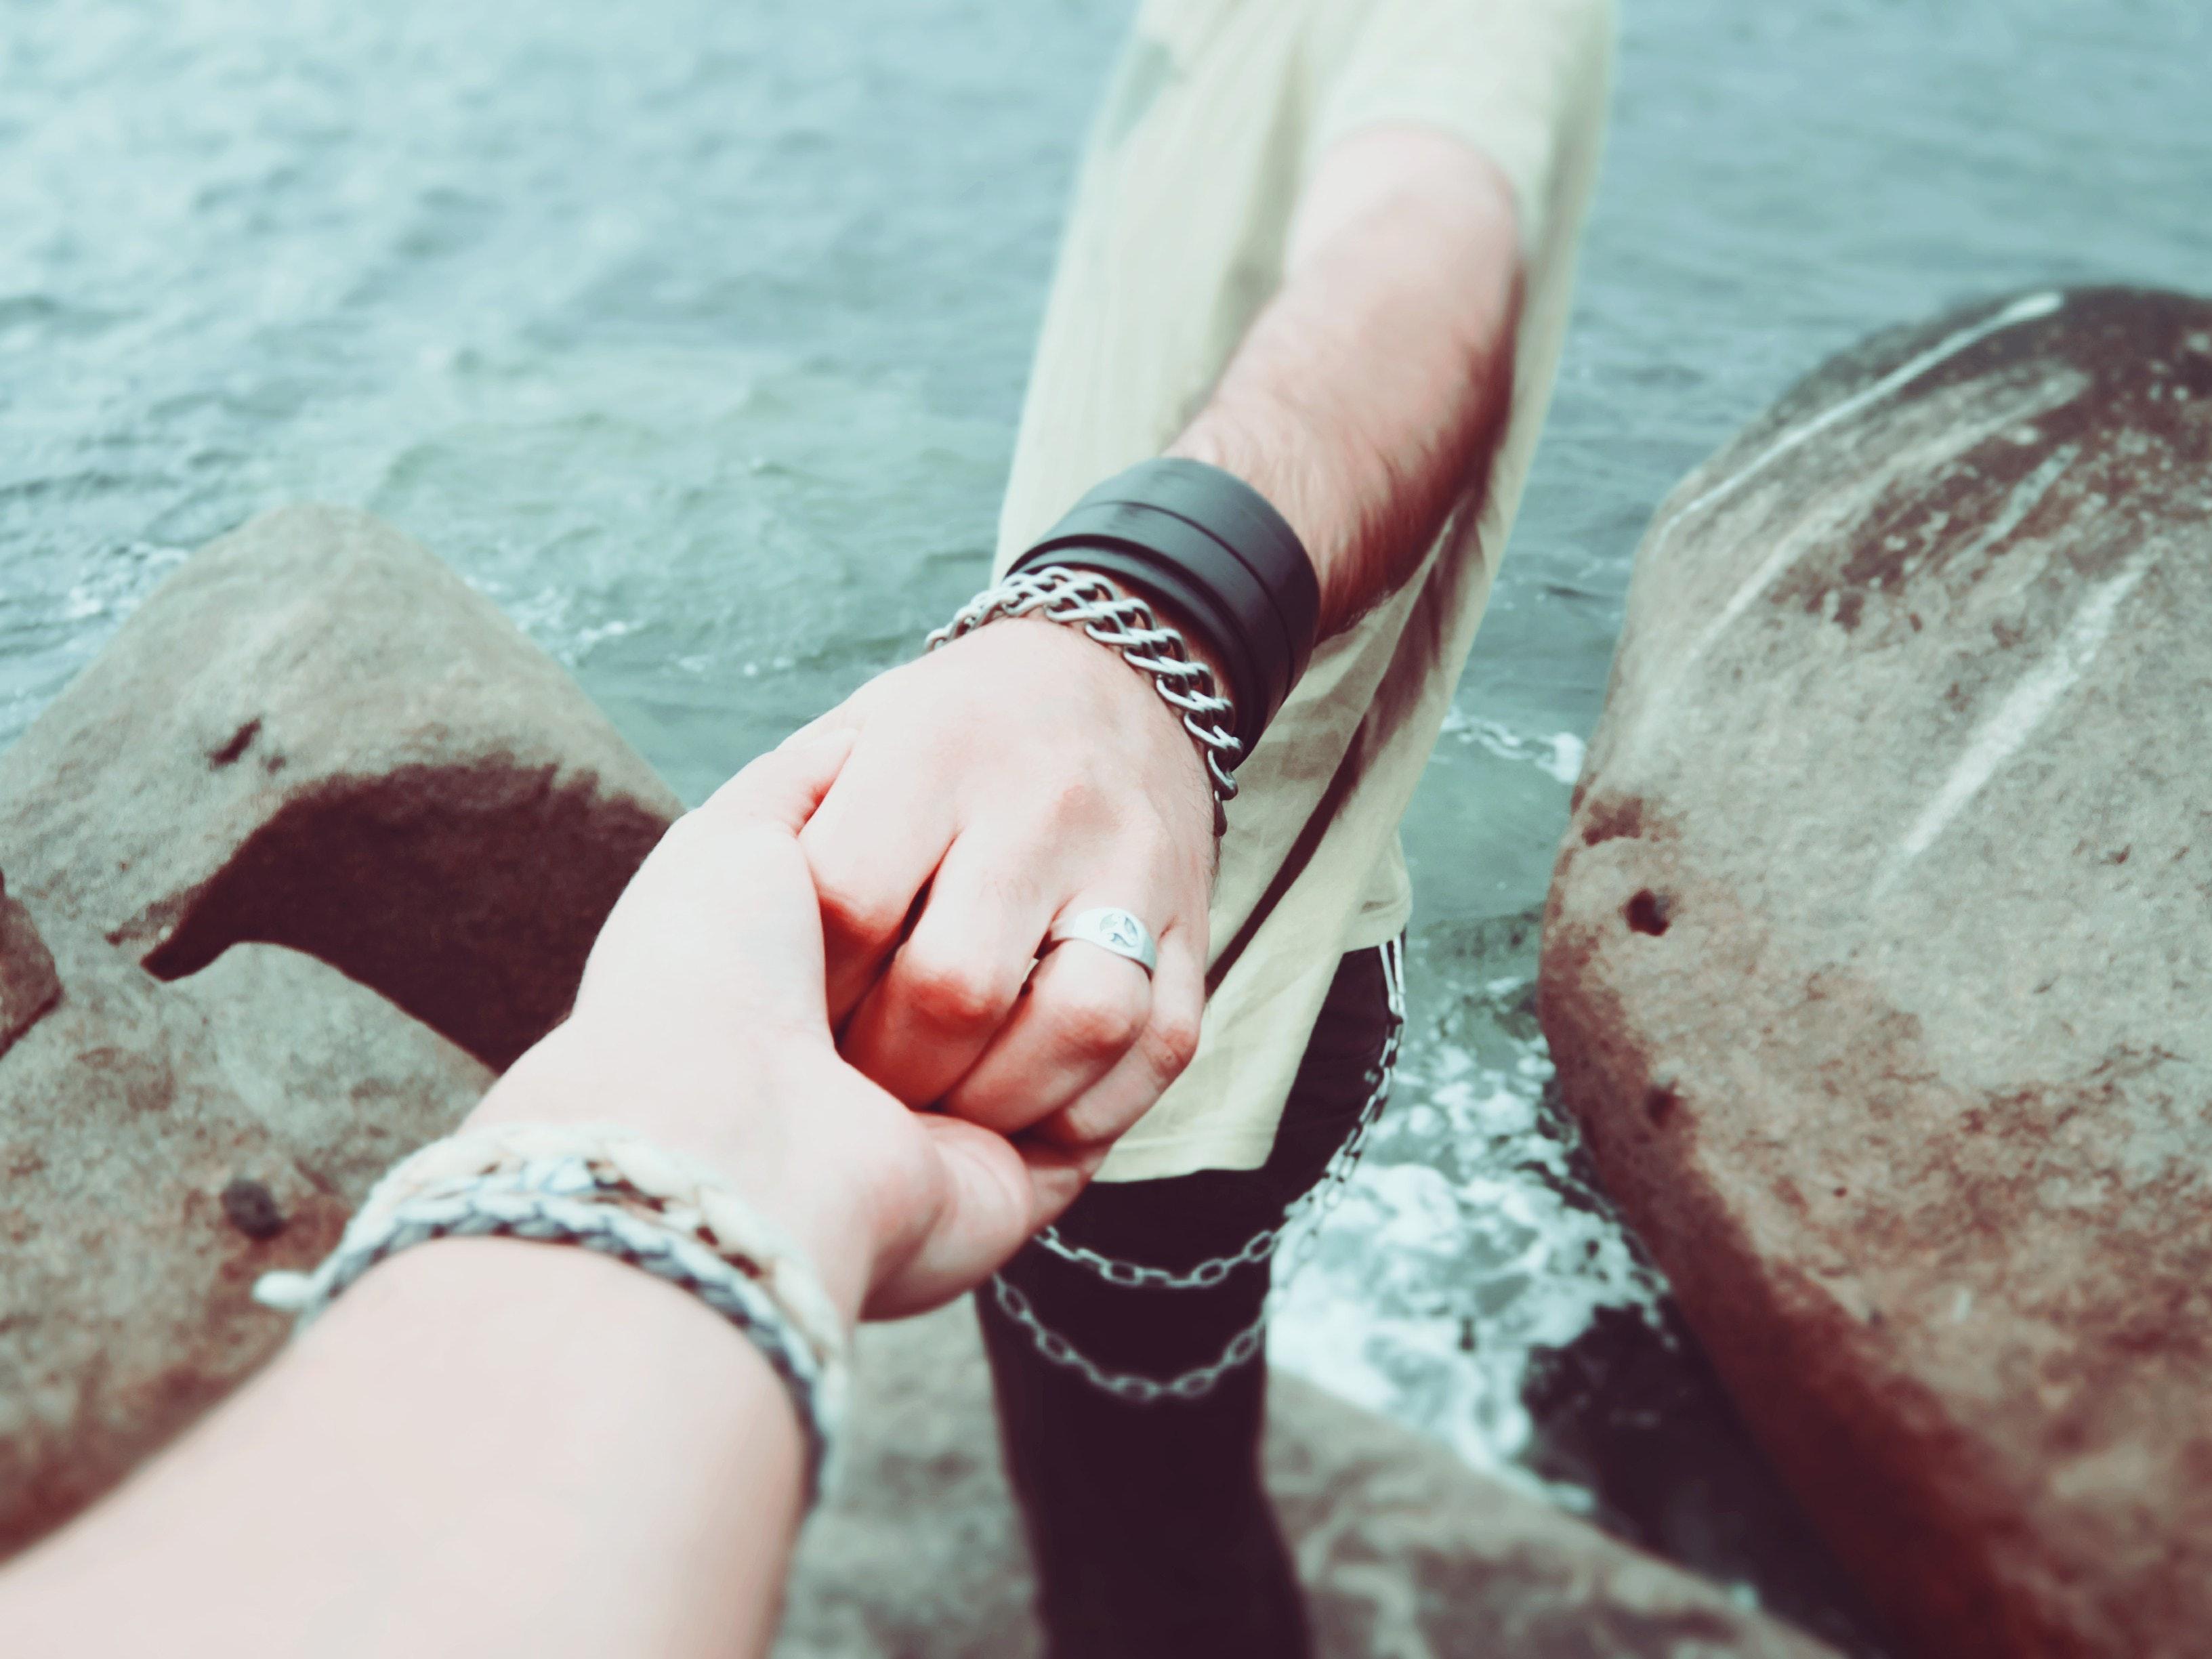 結婚生活に主体性がない